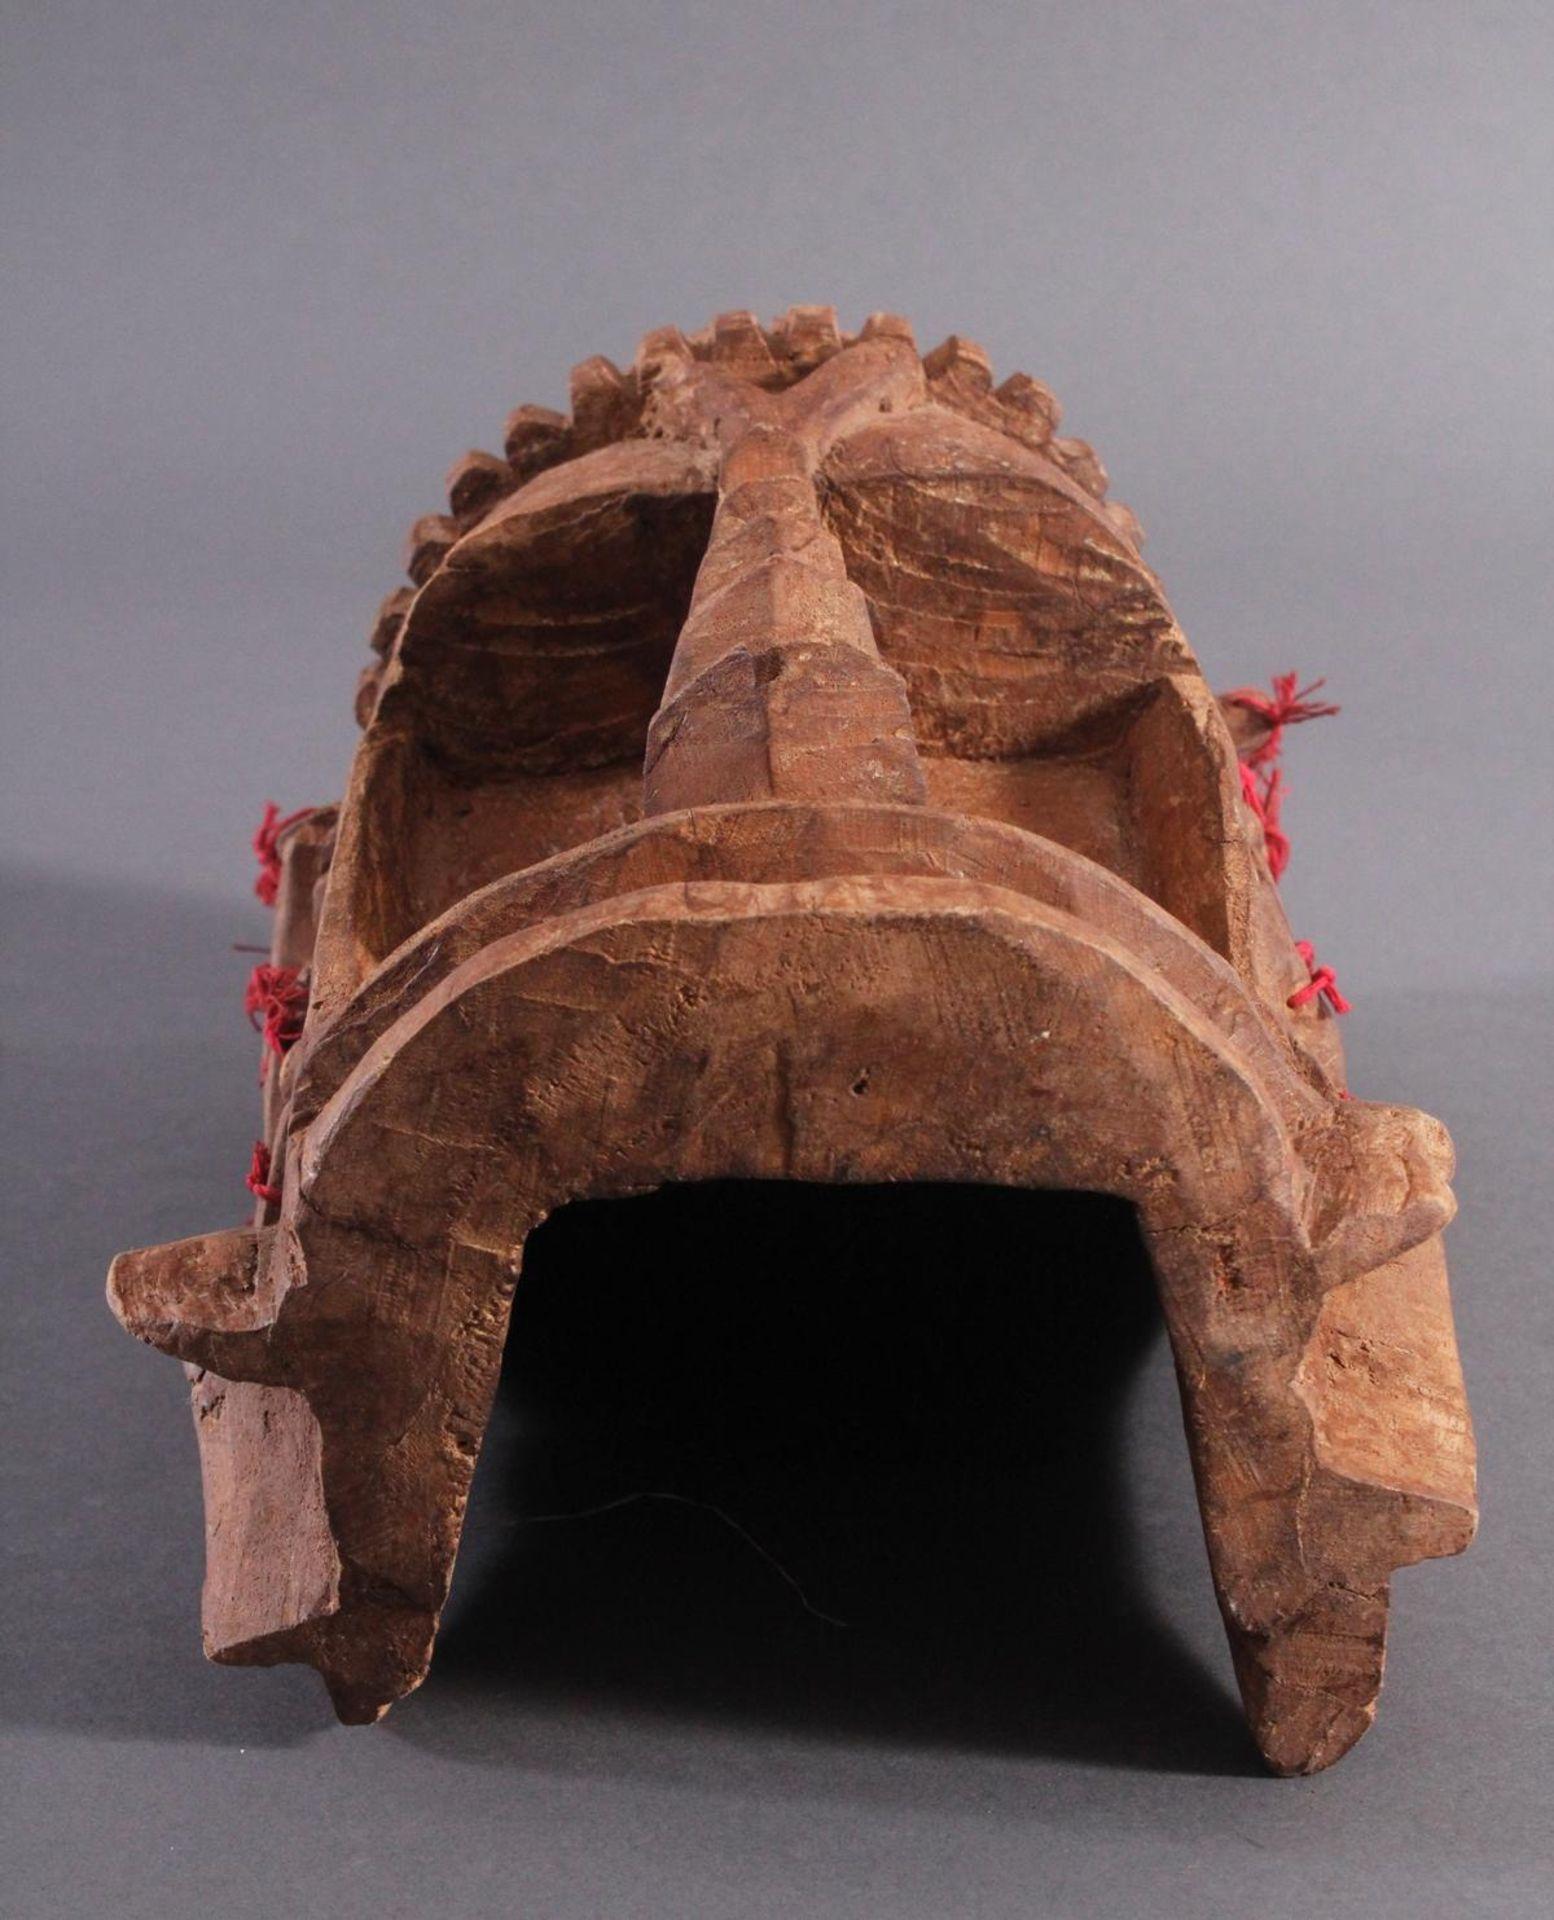 Antike Wandmaske, Mambila Kamerun 1. Hälfte 20. Jh.Helles Holz, geschnitzt, verziert mit roten - Bild 5 aus 6